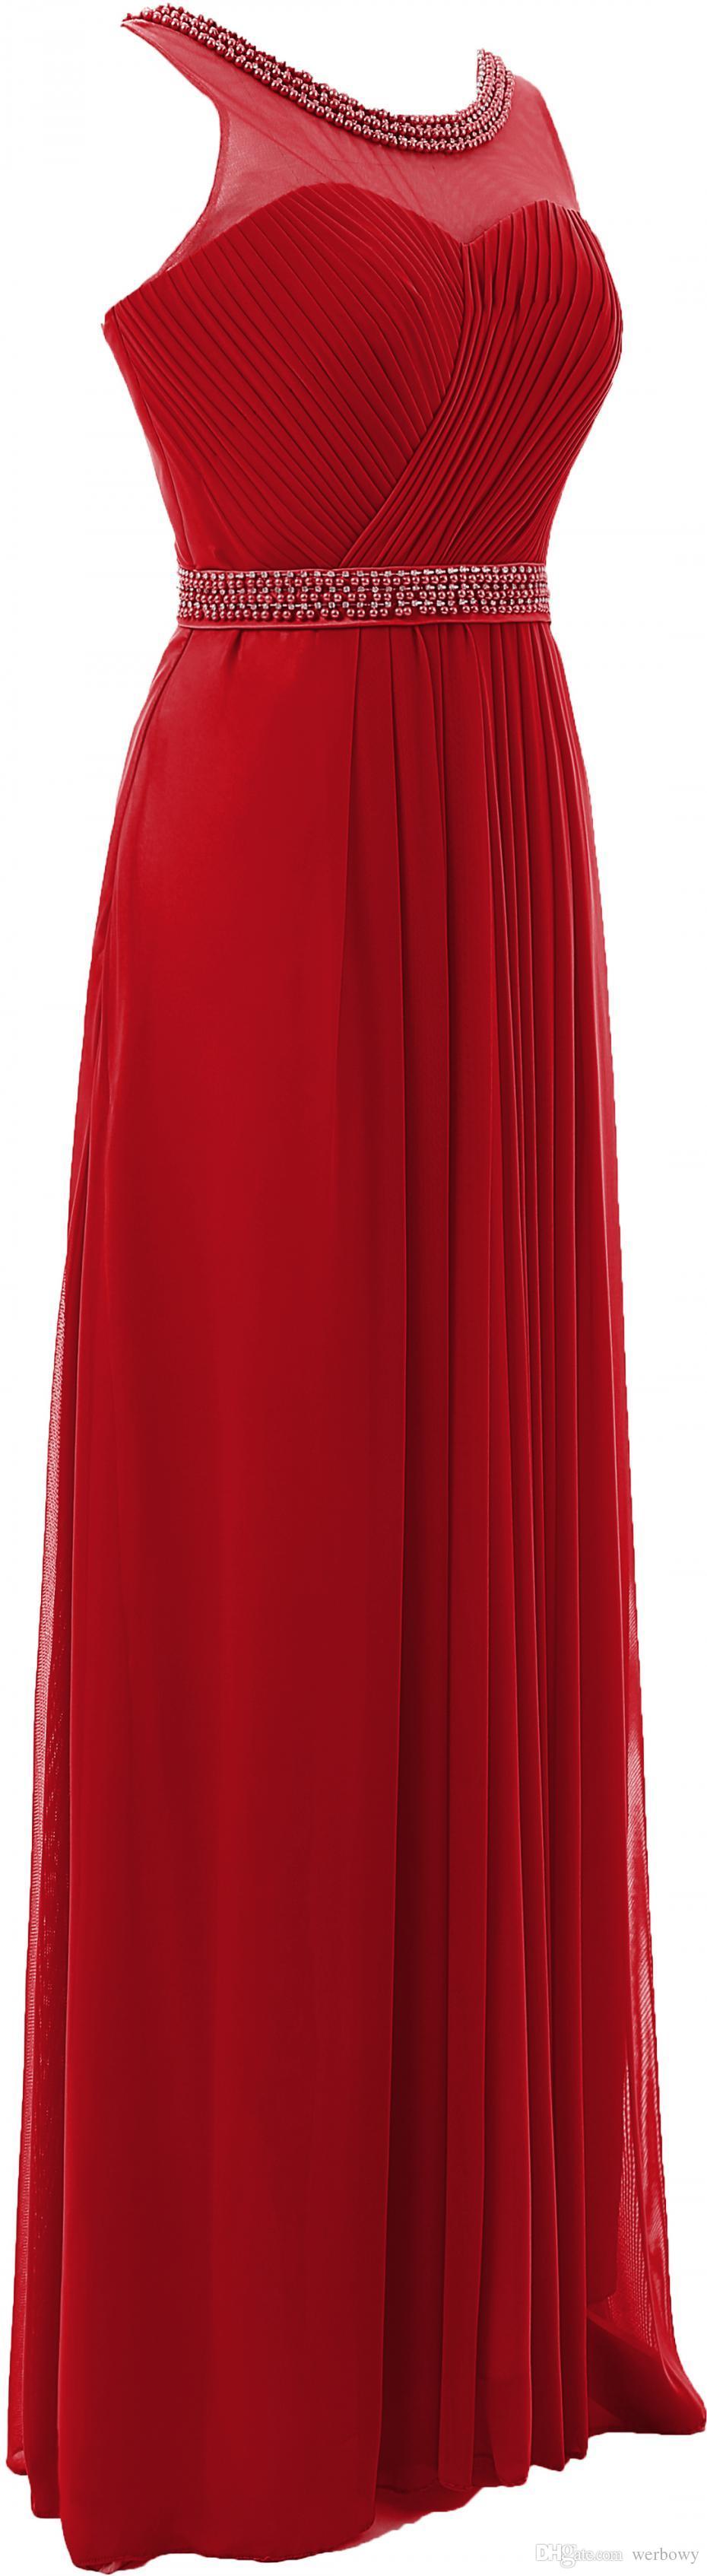 Red Blue Ball A-ligne de robe en mousseline de soie col rond Retour robes de soirée mode de perles longues robes de bal de demoiselle d'honneur HY1304